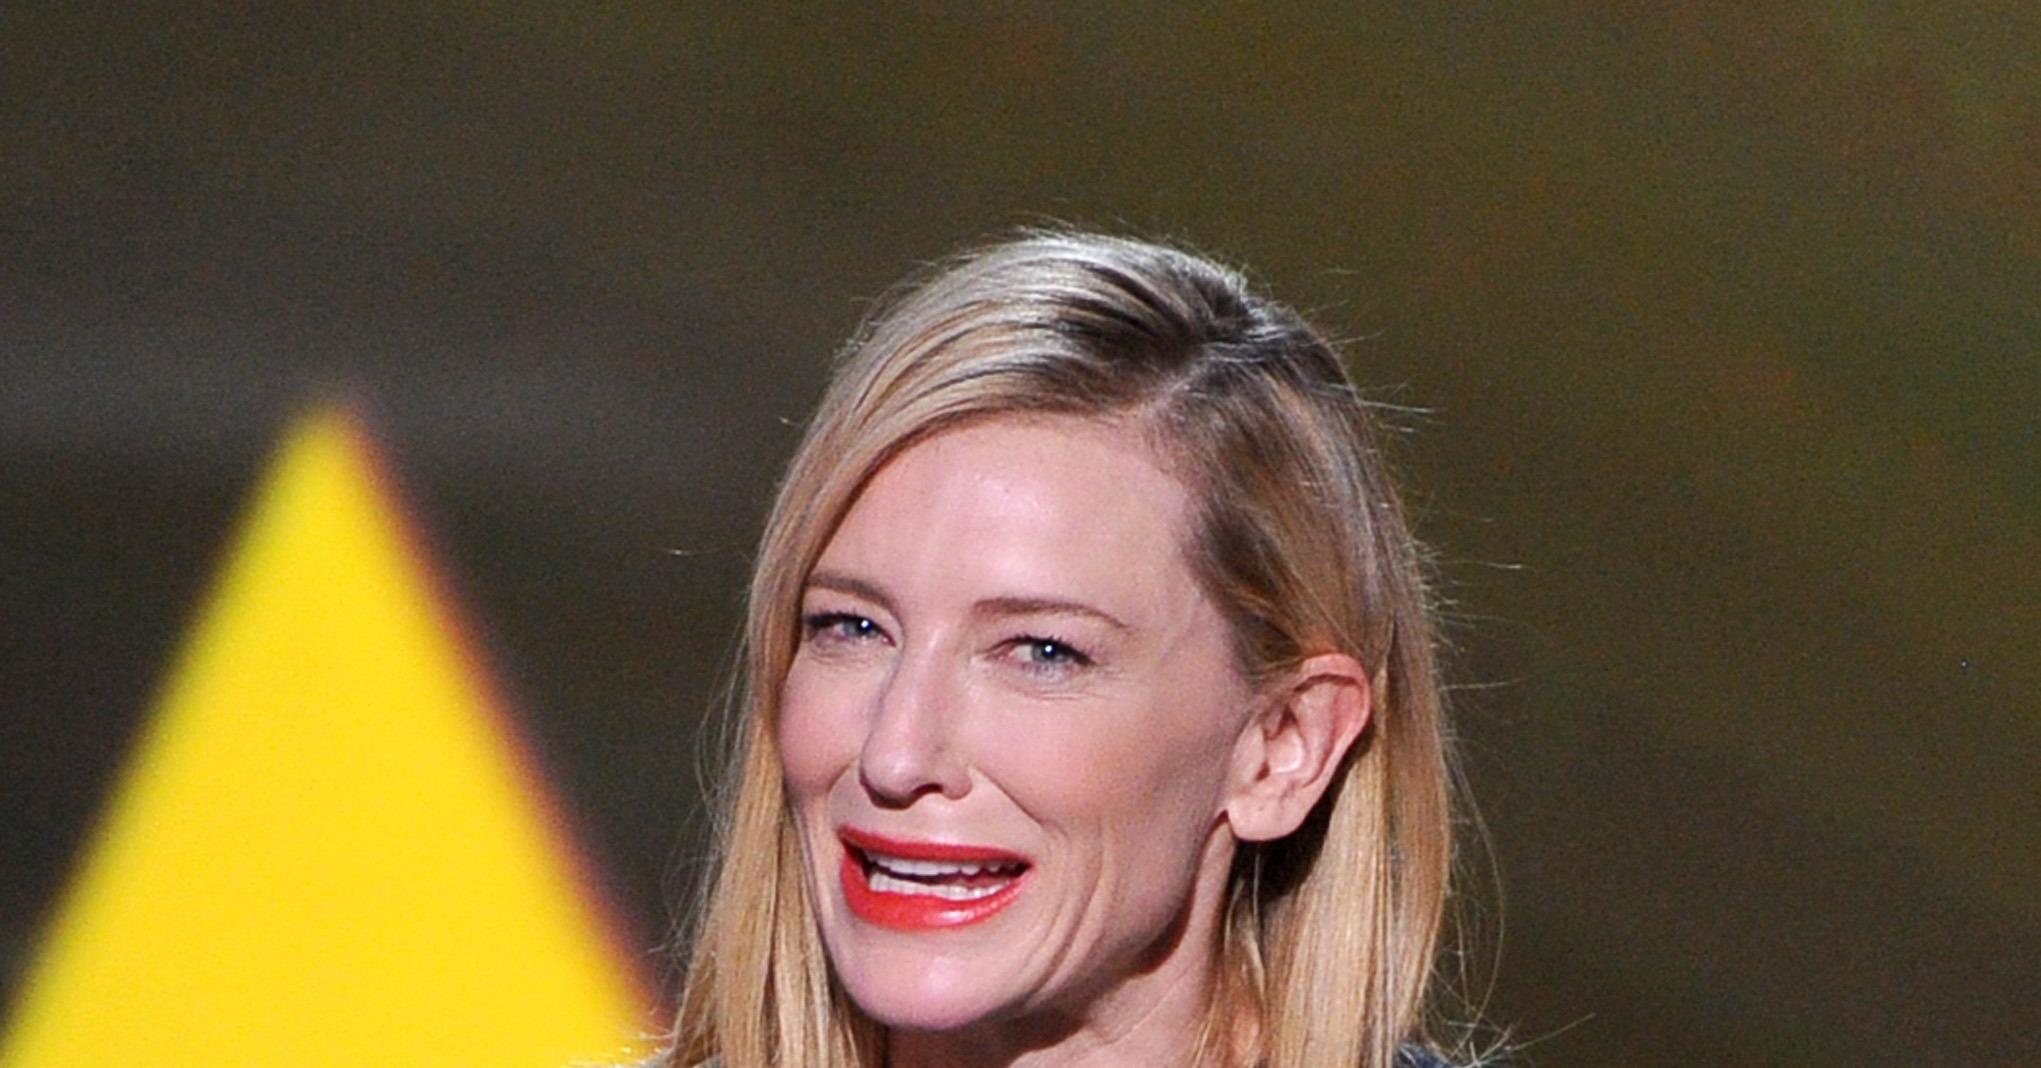 Cate Blanchett | The B... Cate Blanchett